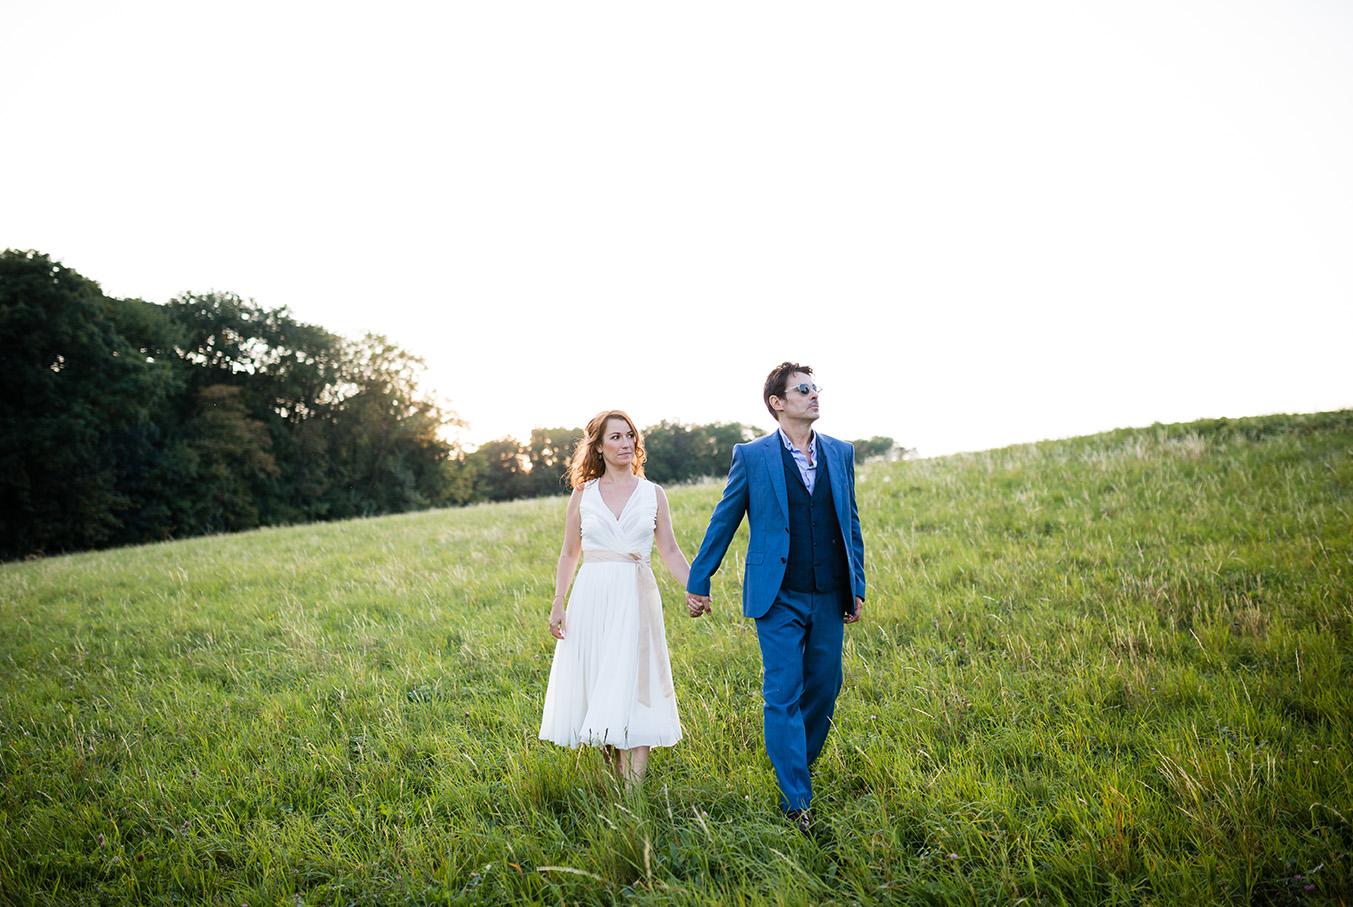 Vienna_Wien_Afterwedding_Hochzeit_Paar_Couple_08